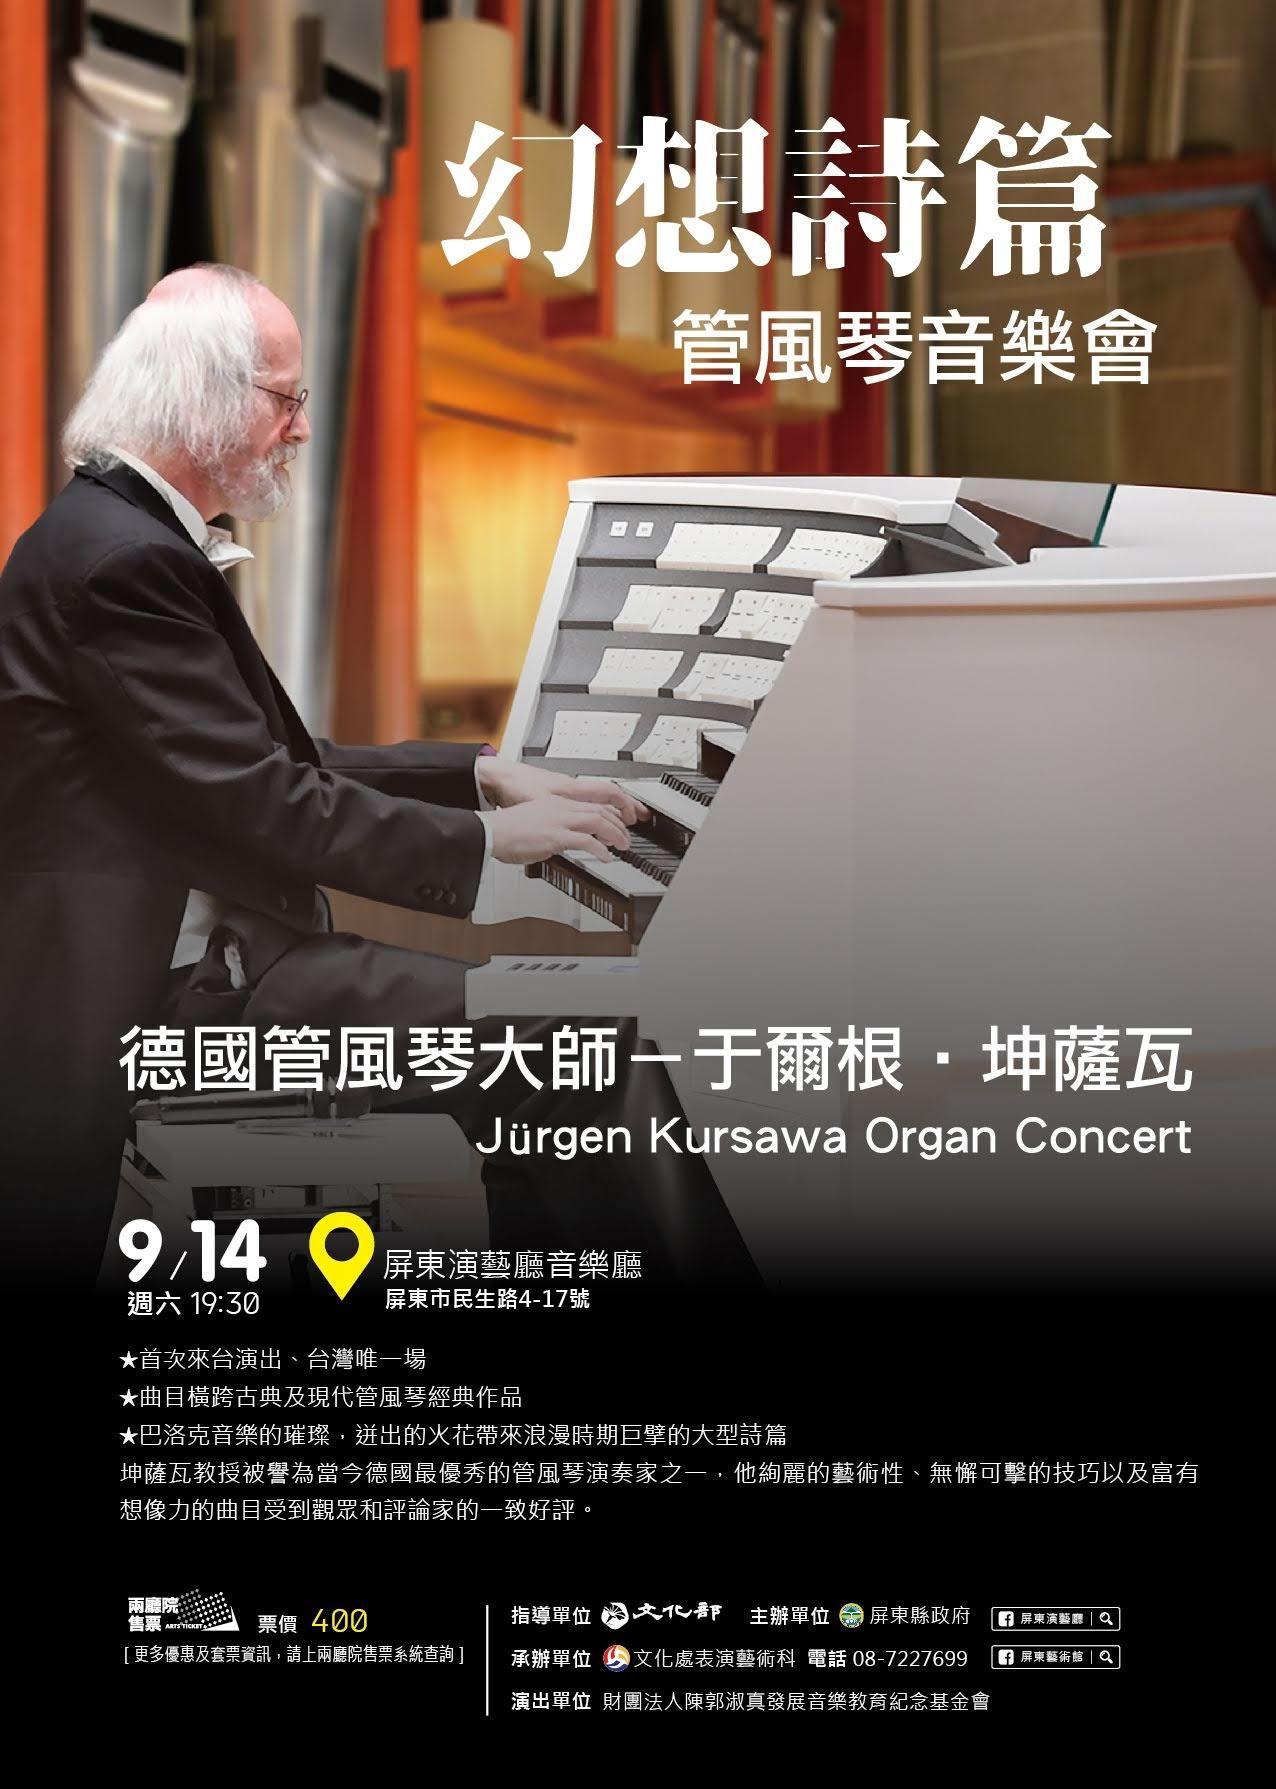 【幻想詩篇】管風琴獨奏音樂會